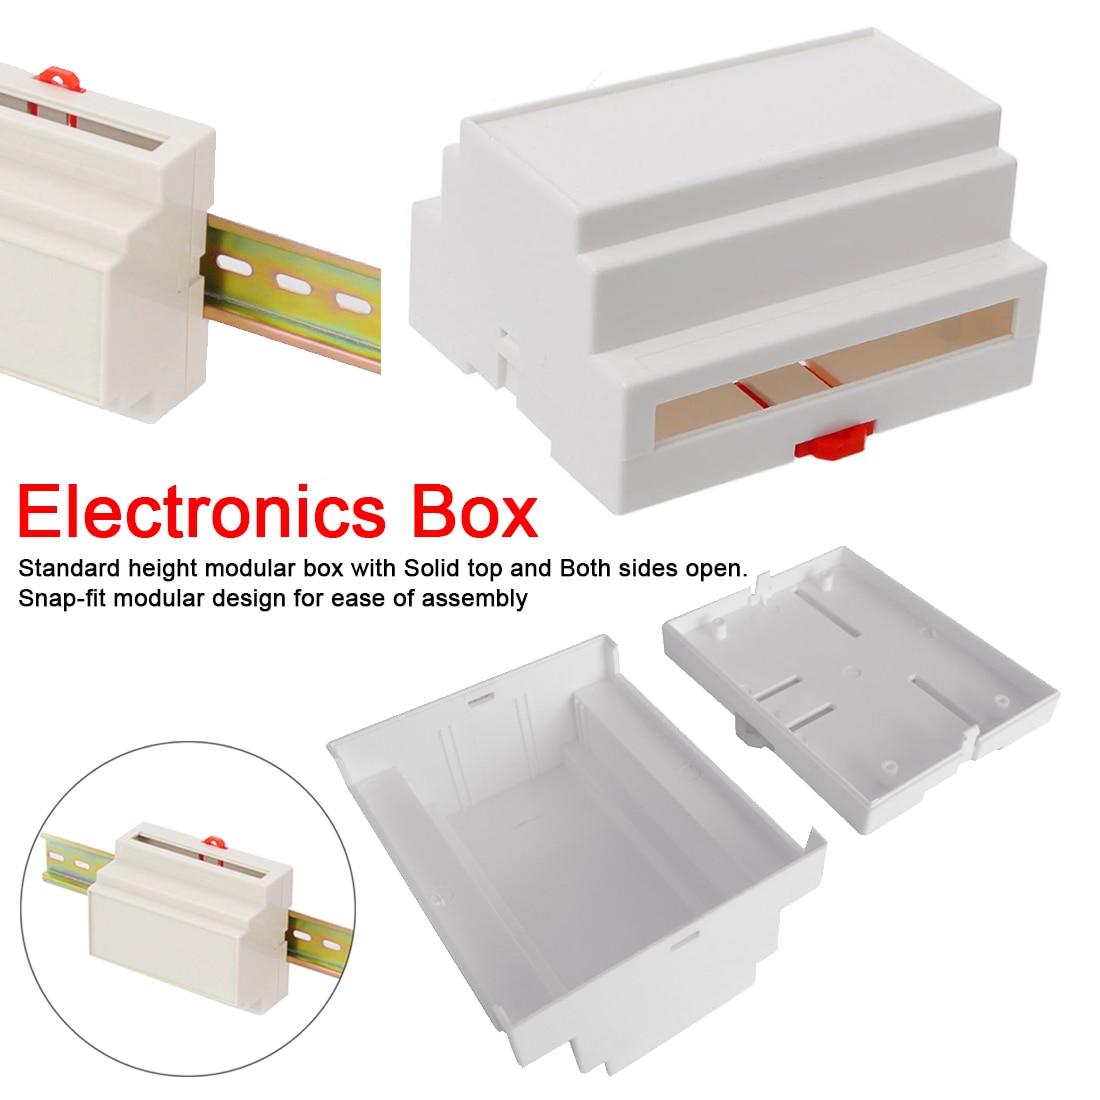 1 шт. Улучшенный корпус пластиковый корпус на din-рейке распределительная коробка электронное оборудование Промышленные корпуса коробка 107*87*59 мм